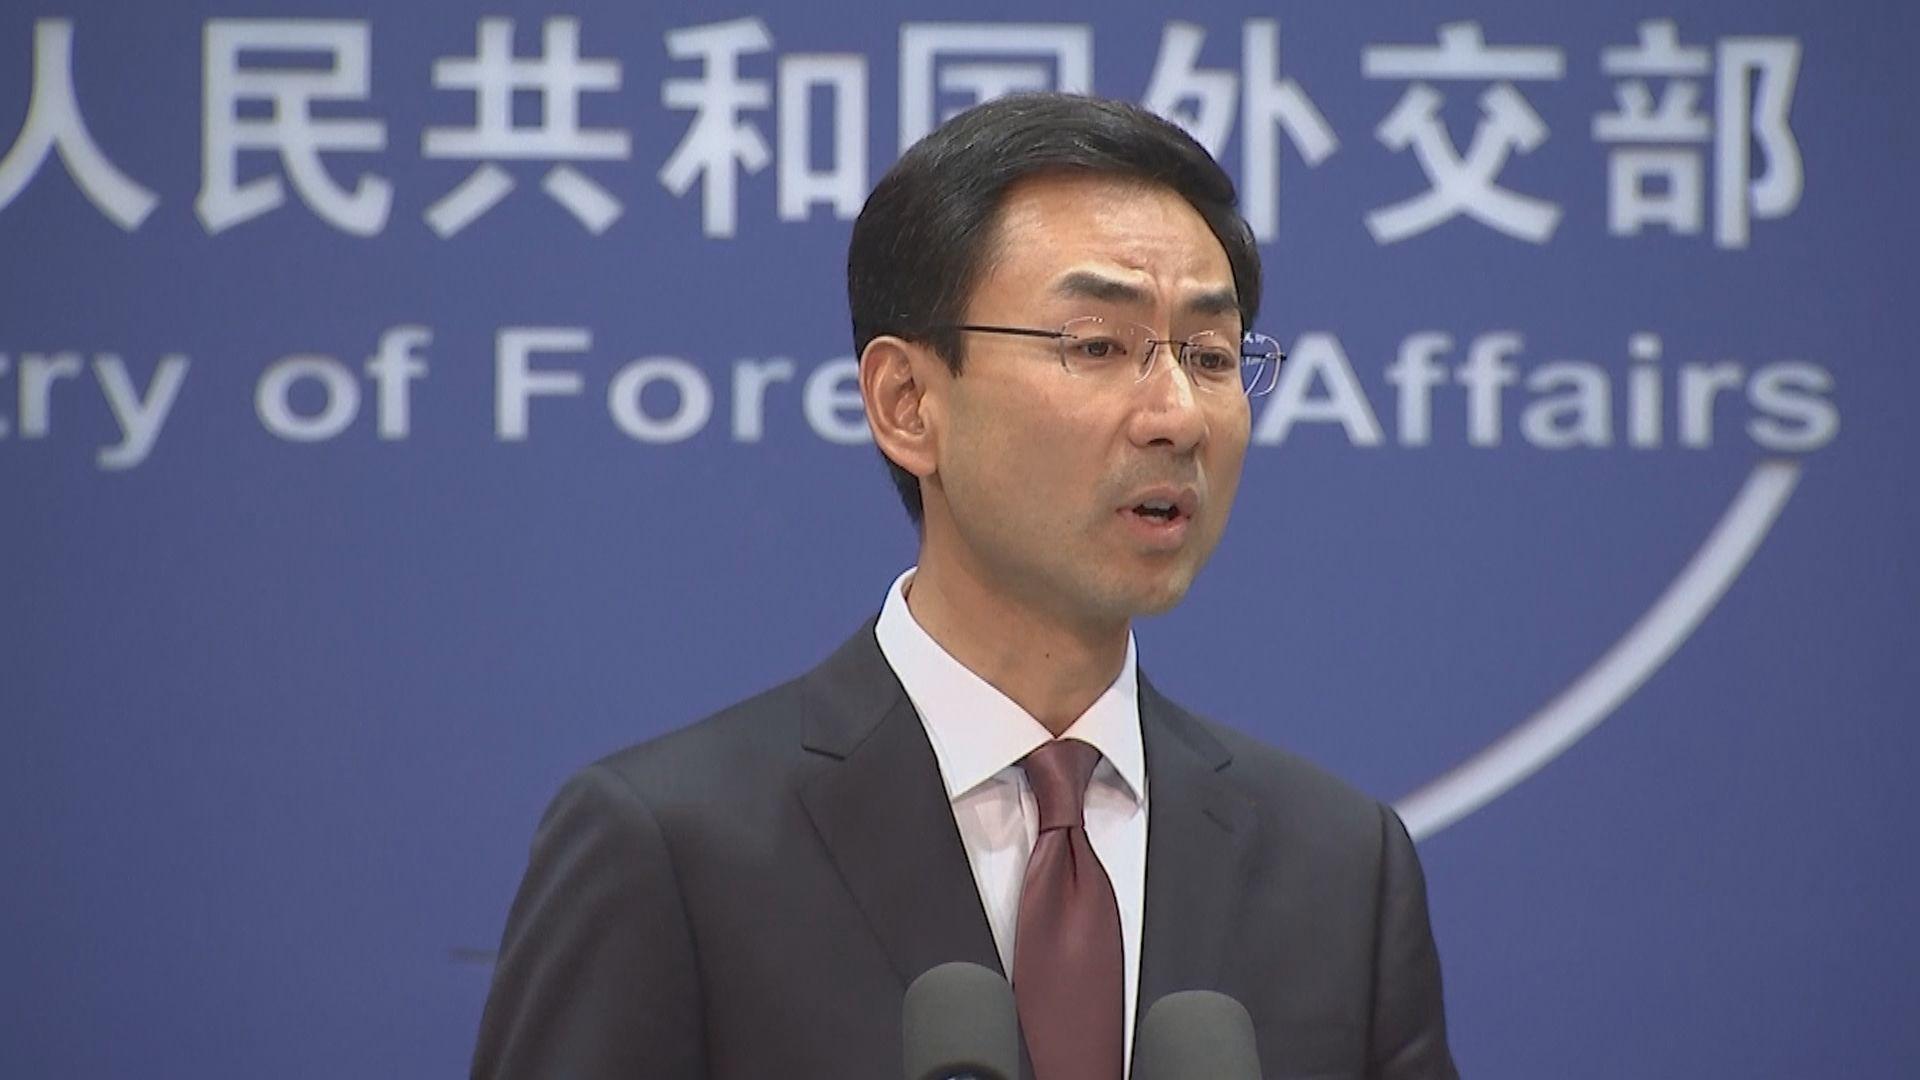 外交部:沒有聽過林鄭請辭遭拒傳聞